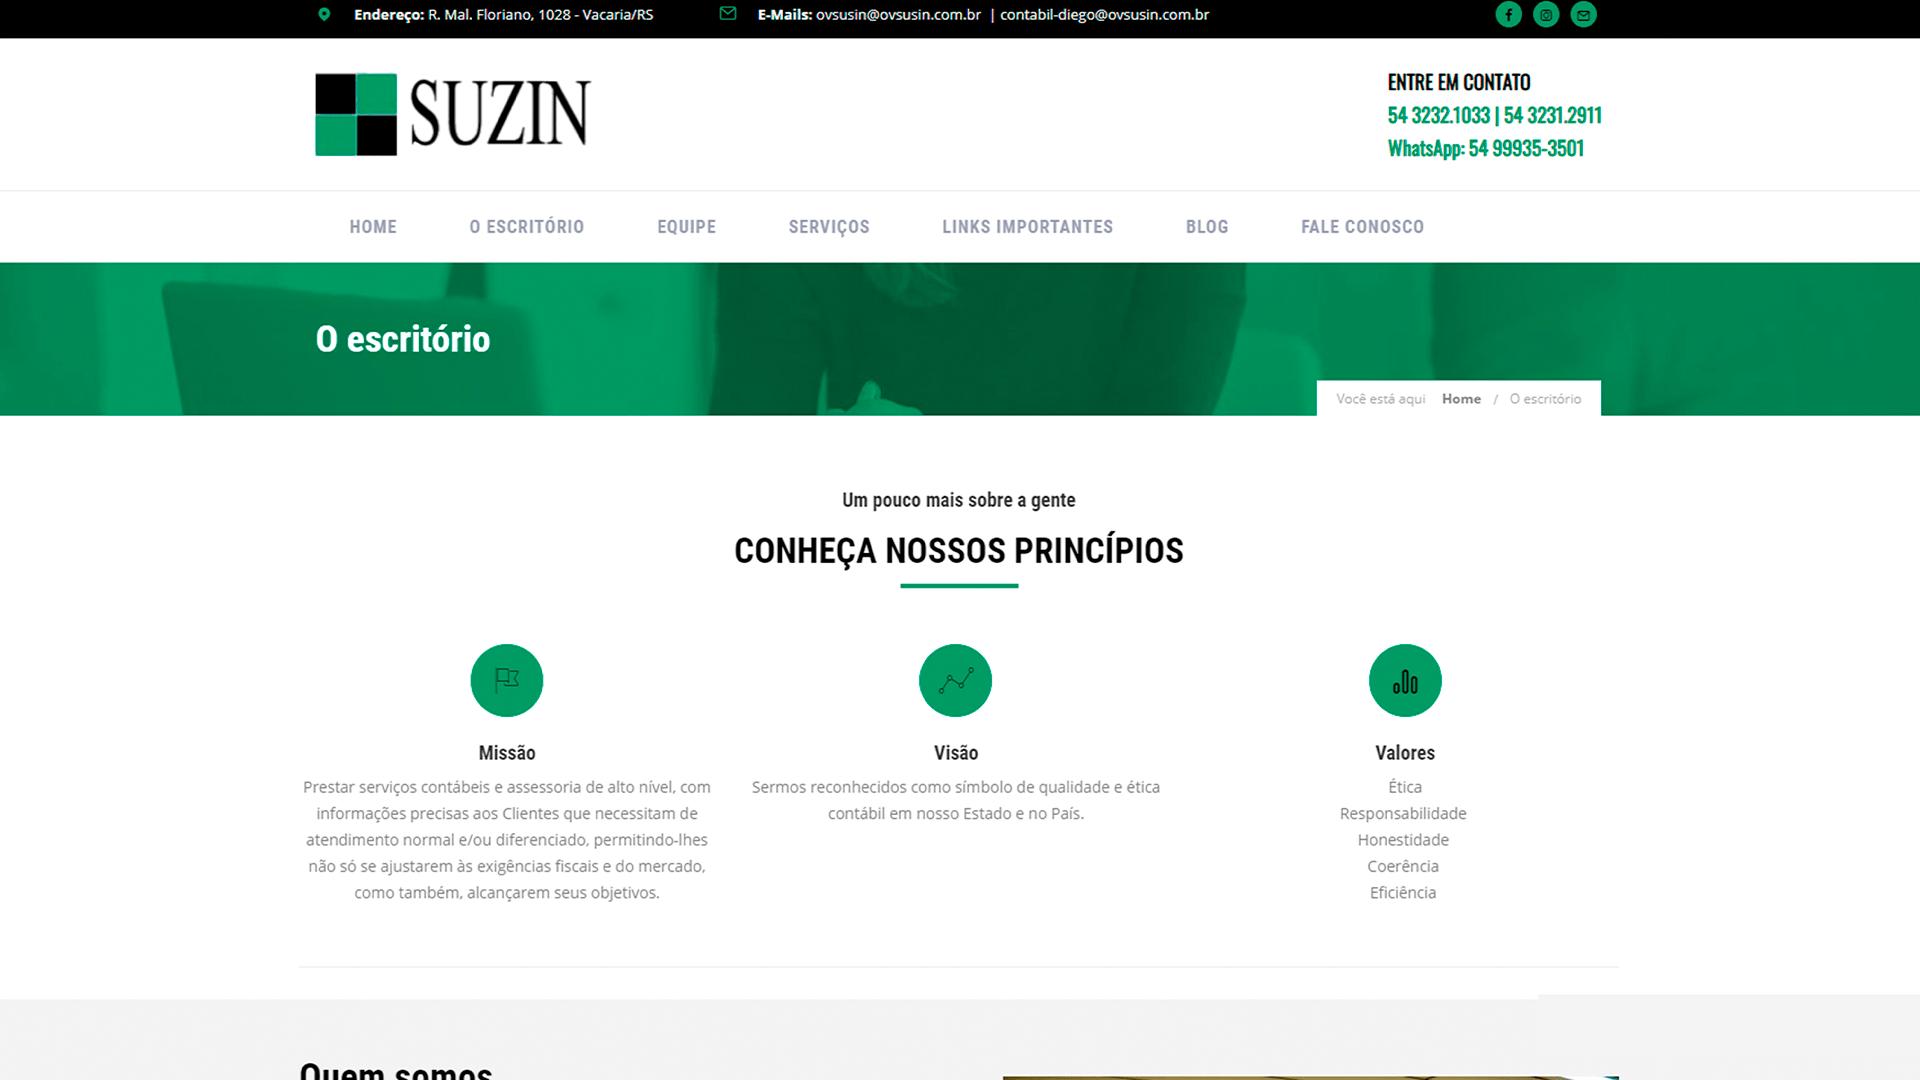 https://www.6i.com.br/case/suzin-contabilidade/